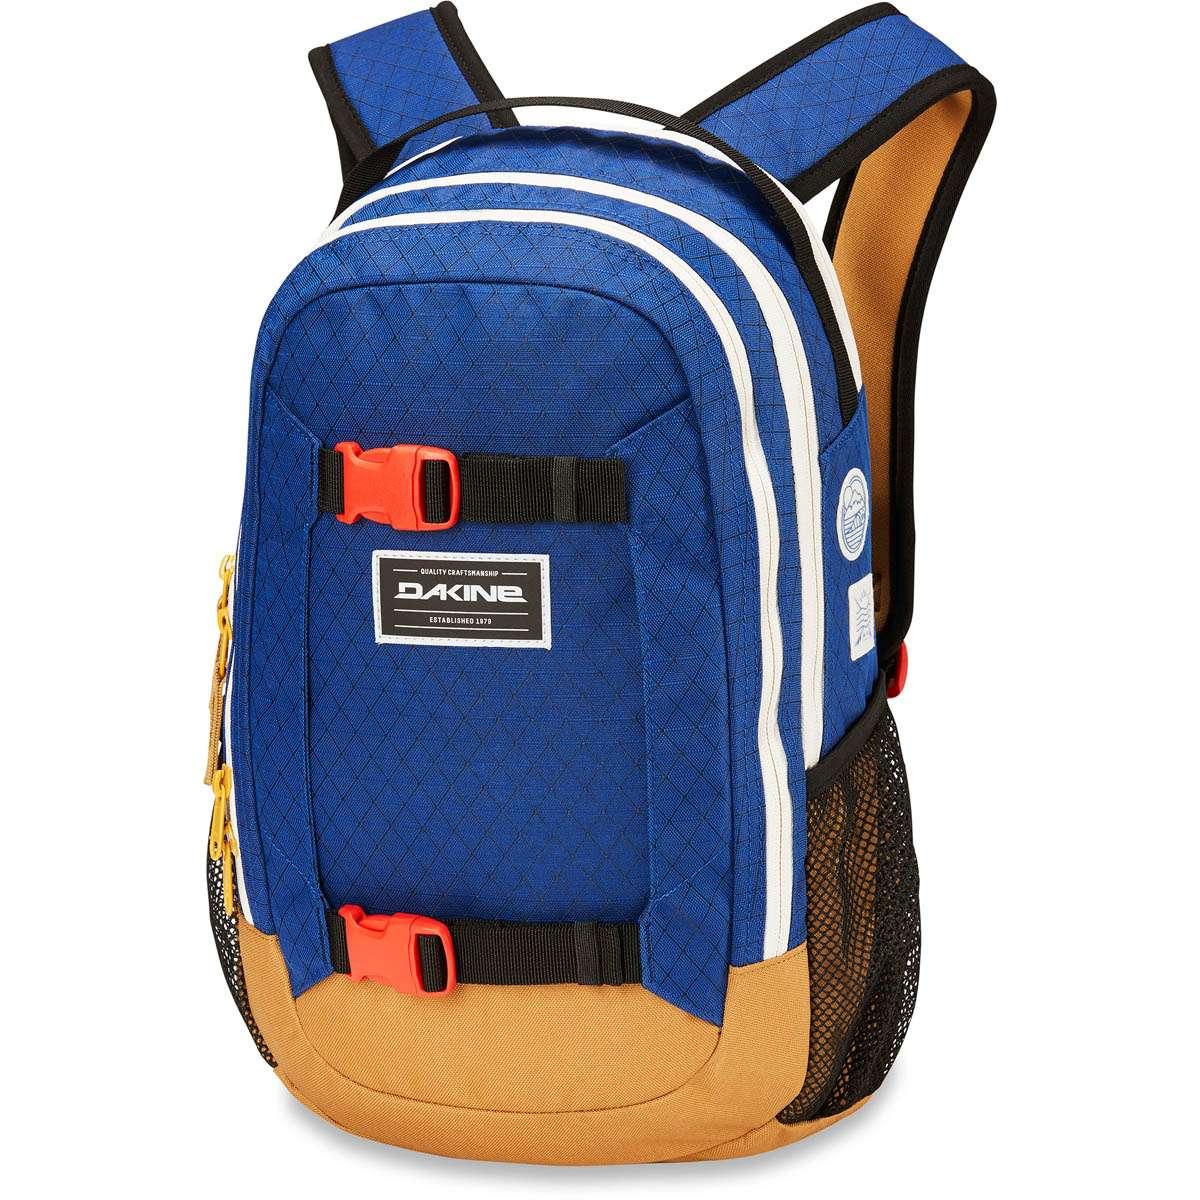 25b248e3d1a Dakine Mission Mini 18L Backpack Scout | Dakine Shop